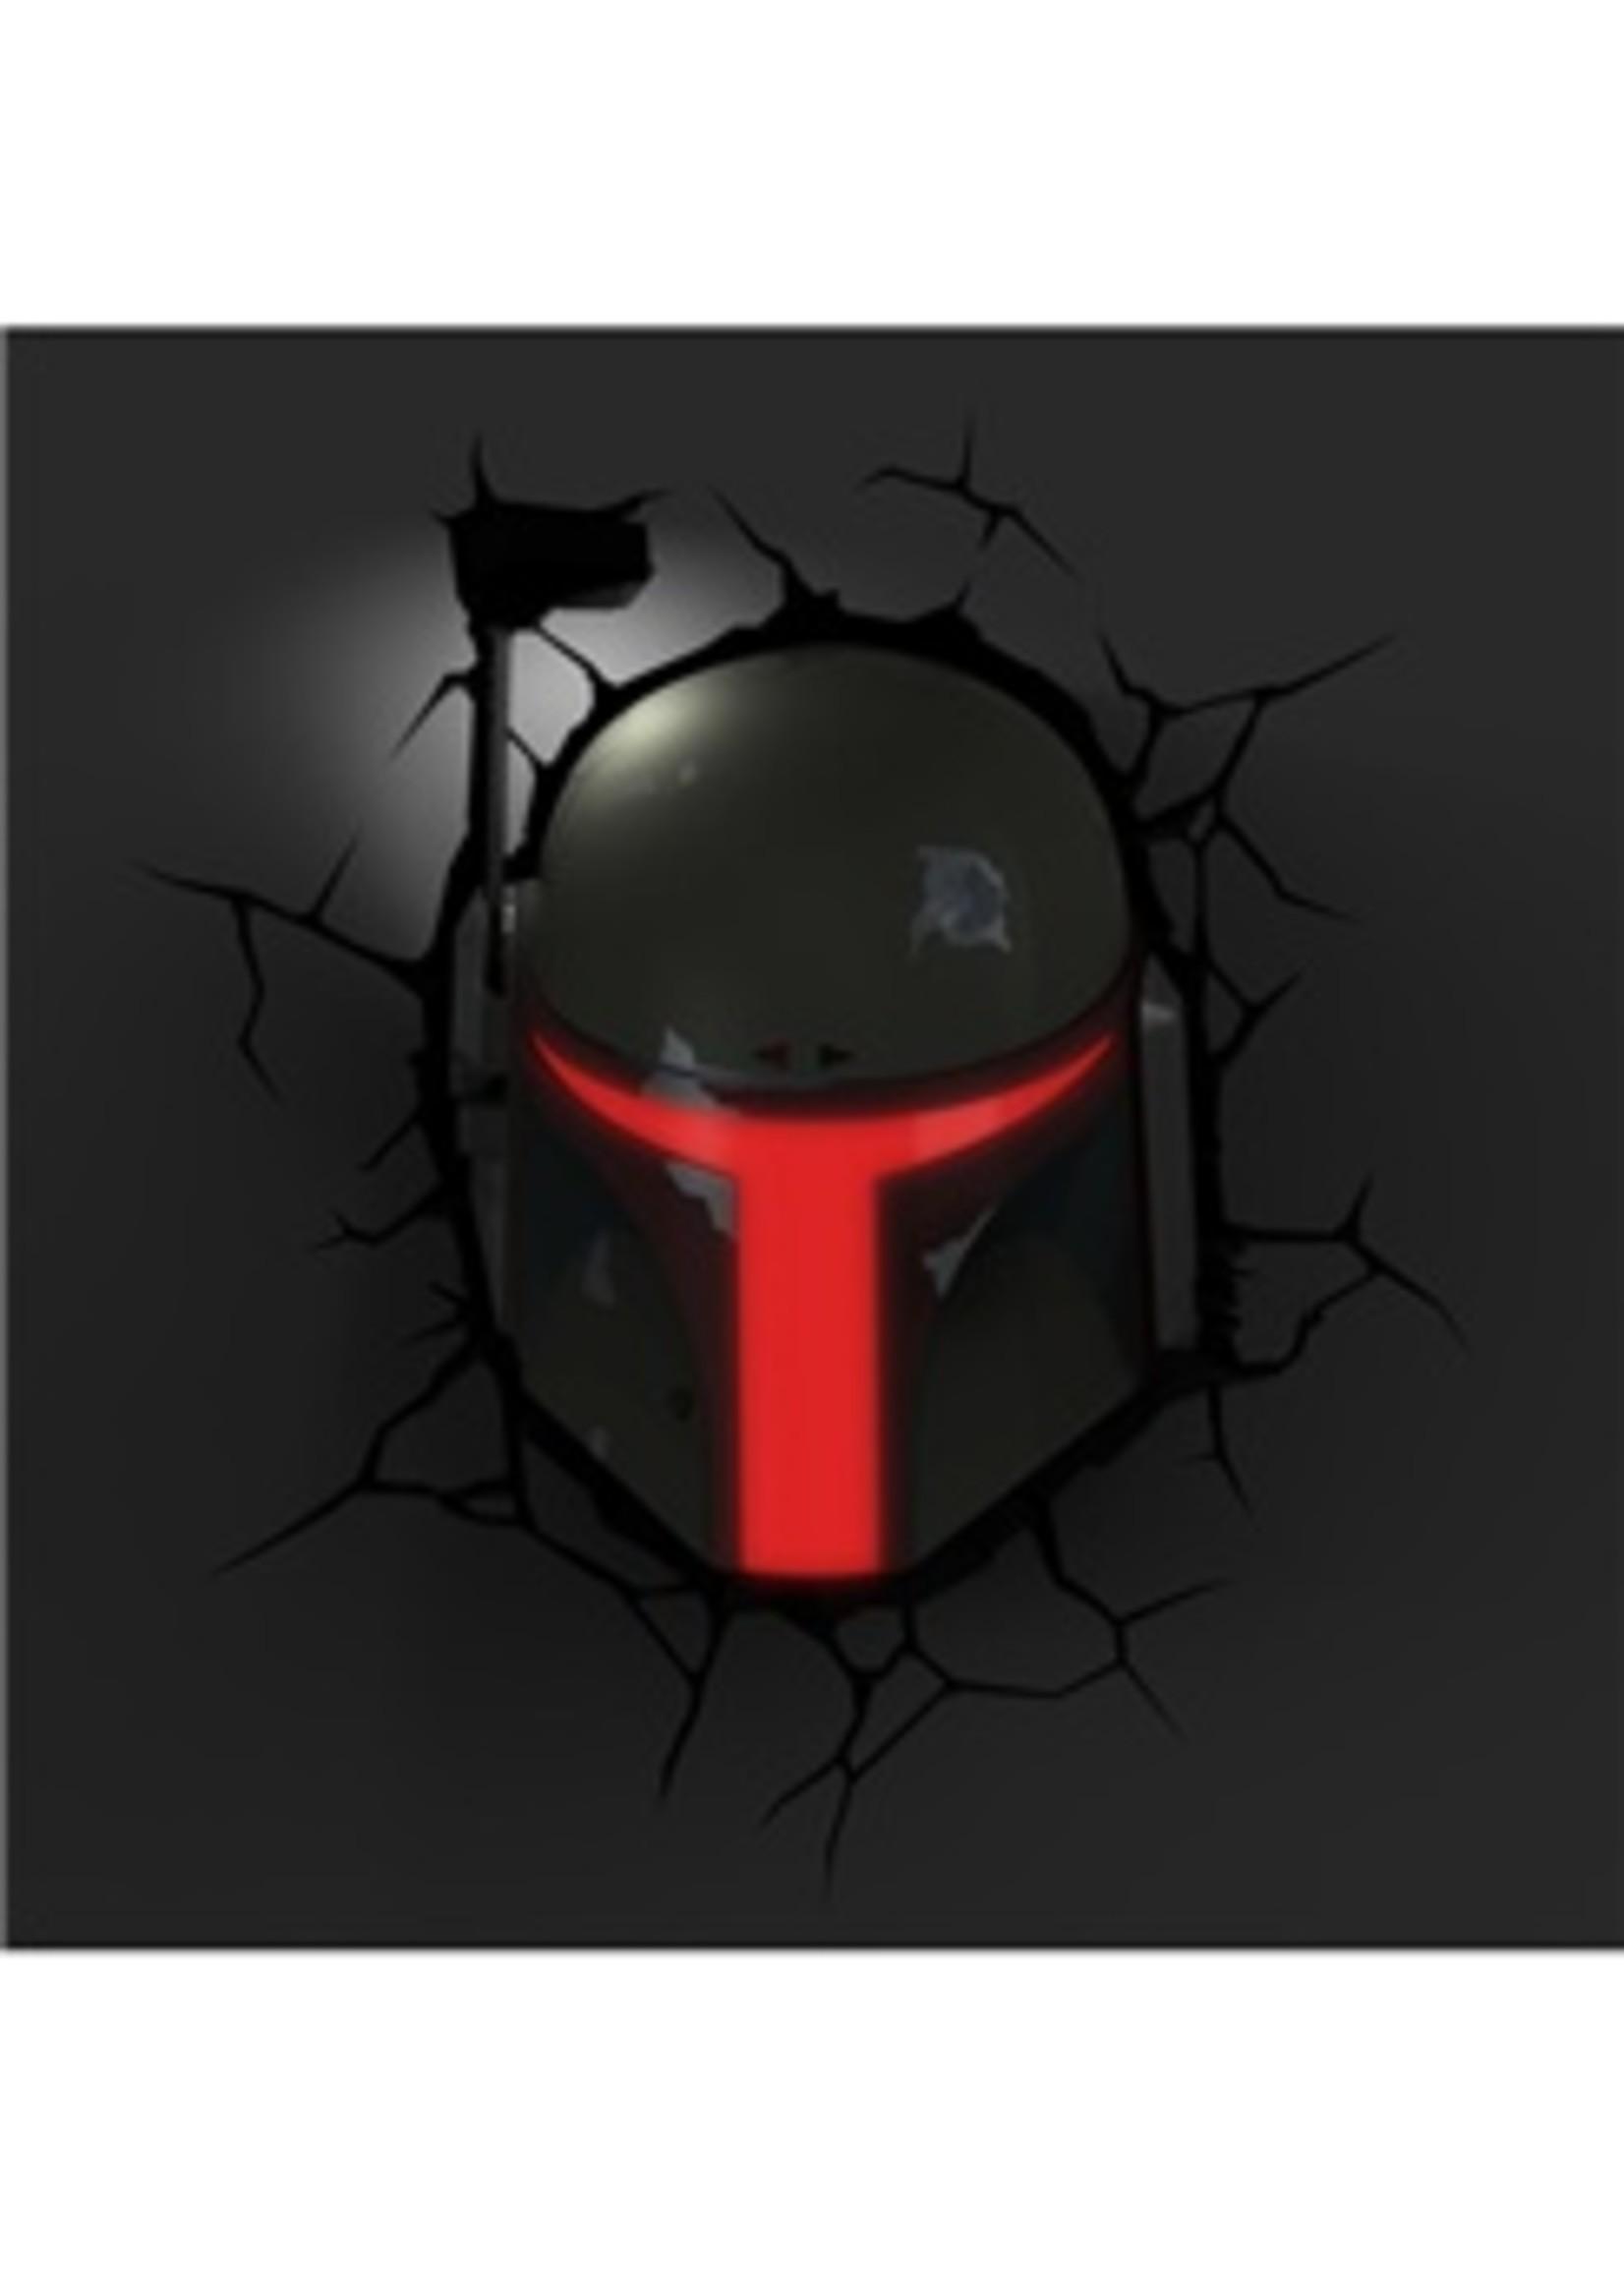 Star Wars Lamp Boba Fett 3D LED